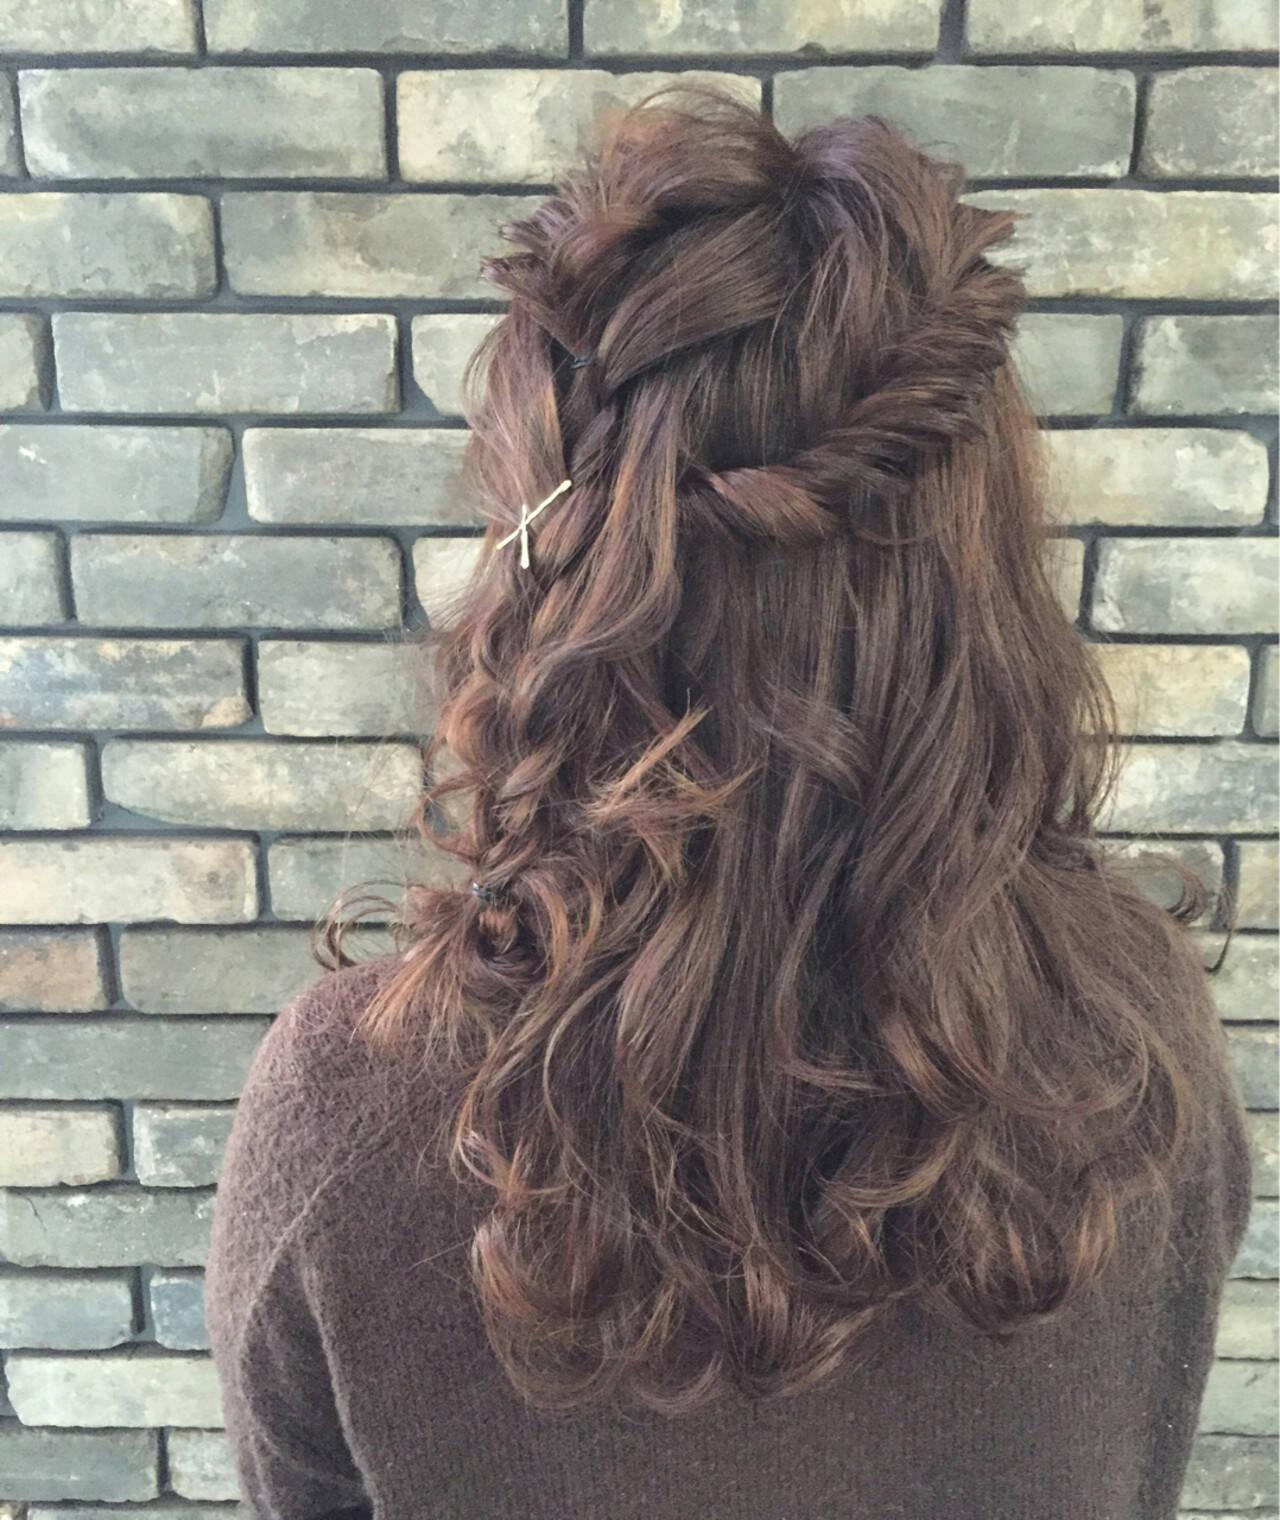 ショート 外国人風 ミディアム 簡単ヘアアレンジヘアスタイルや髪型の写真・画像